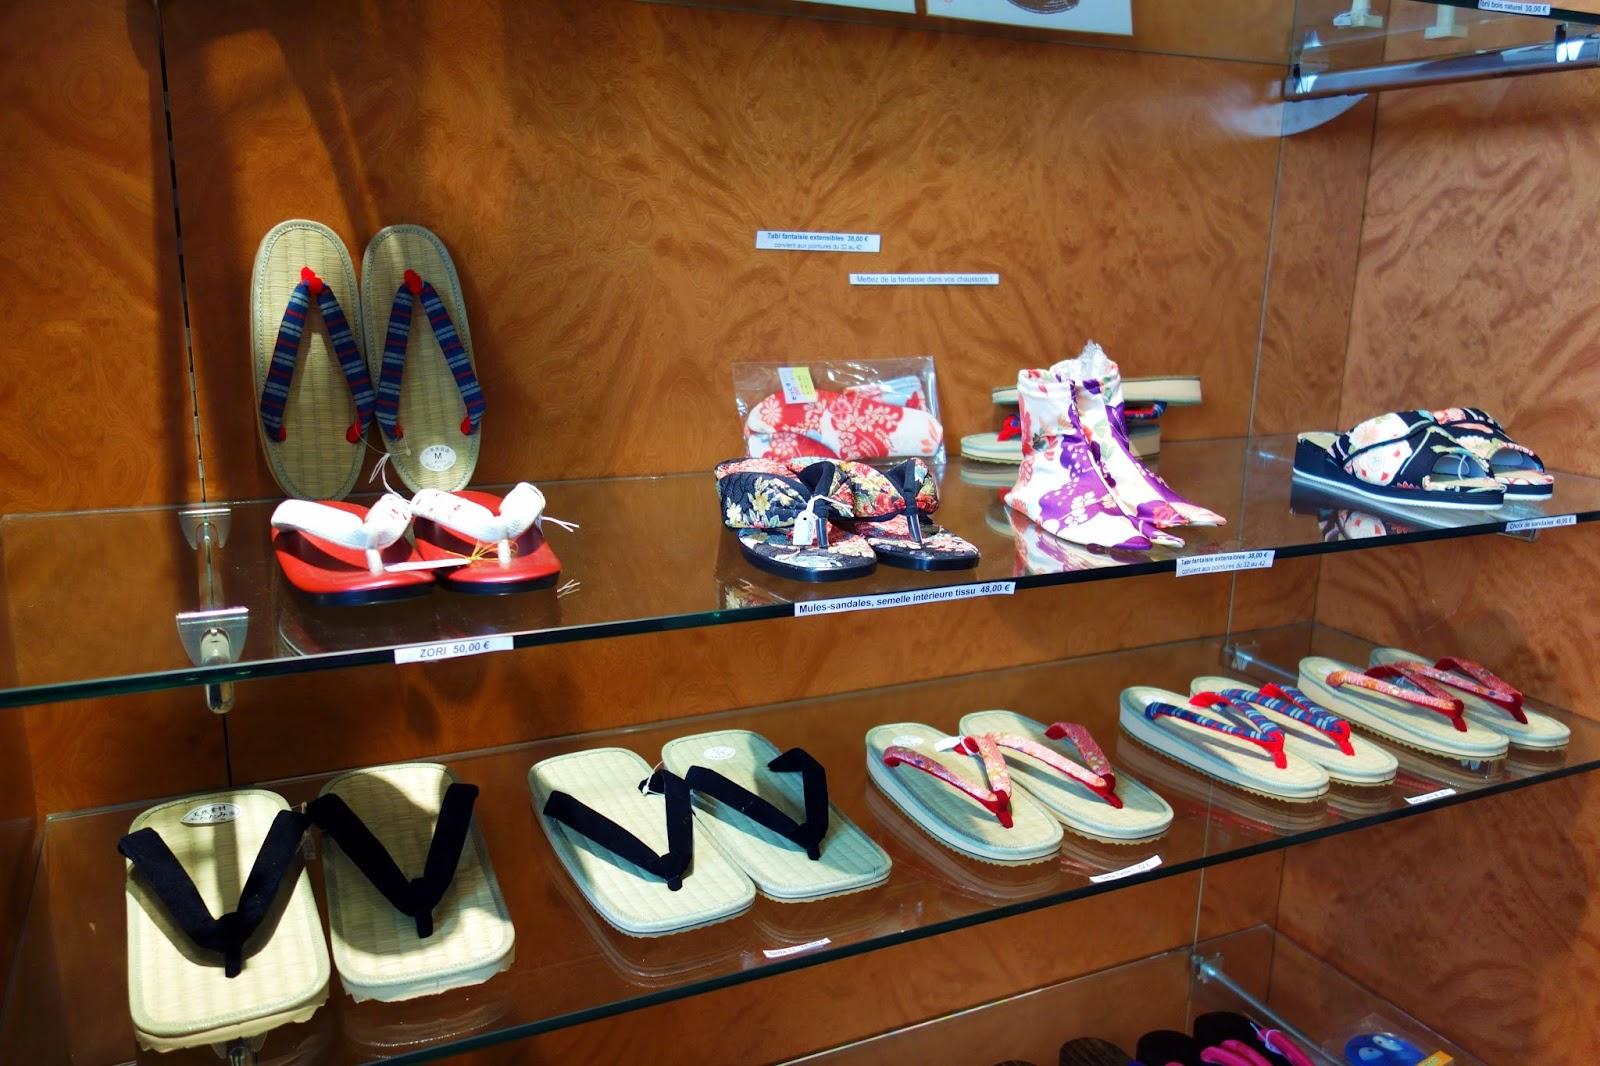 Mes adresses cool japan boutique d 39 artisanat japonais 45 rue sainte anne paris 1 paris - Decoration interieur japonais ...